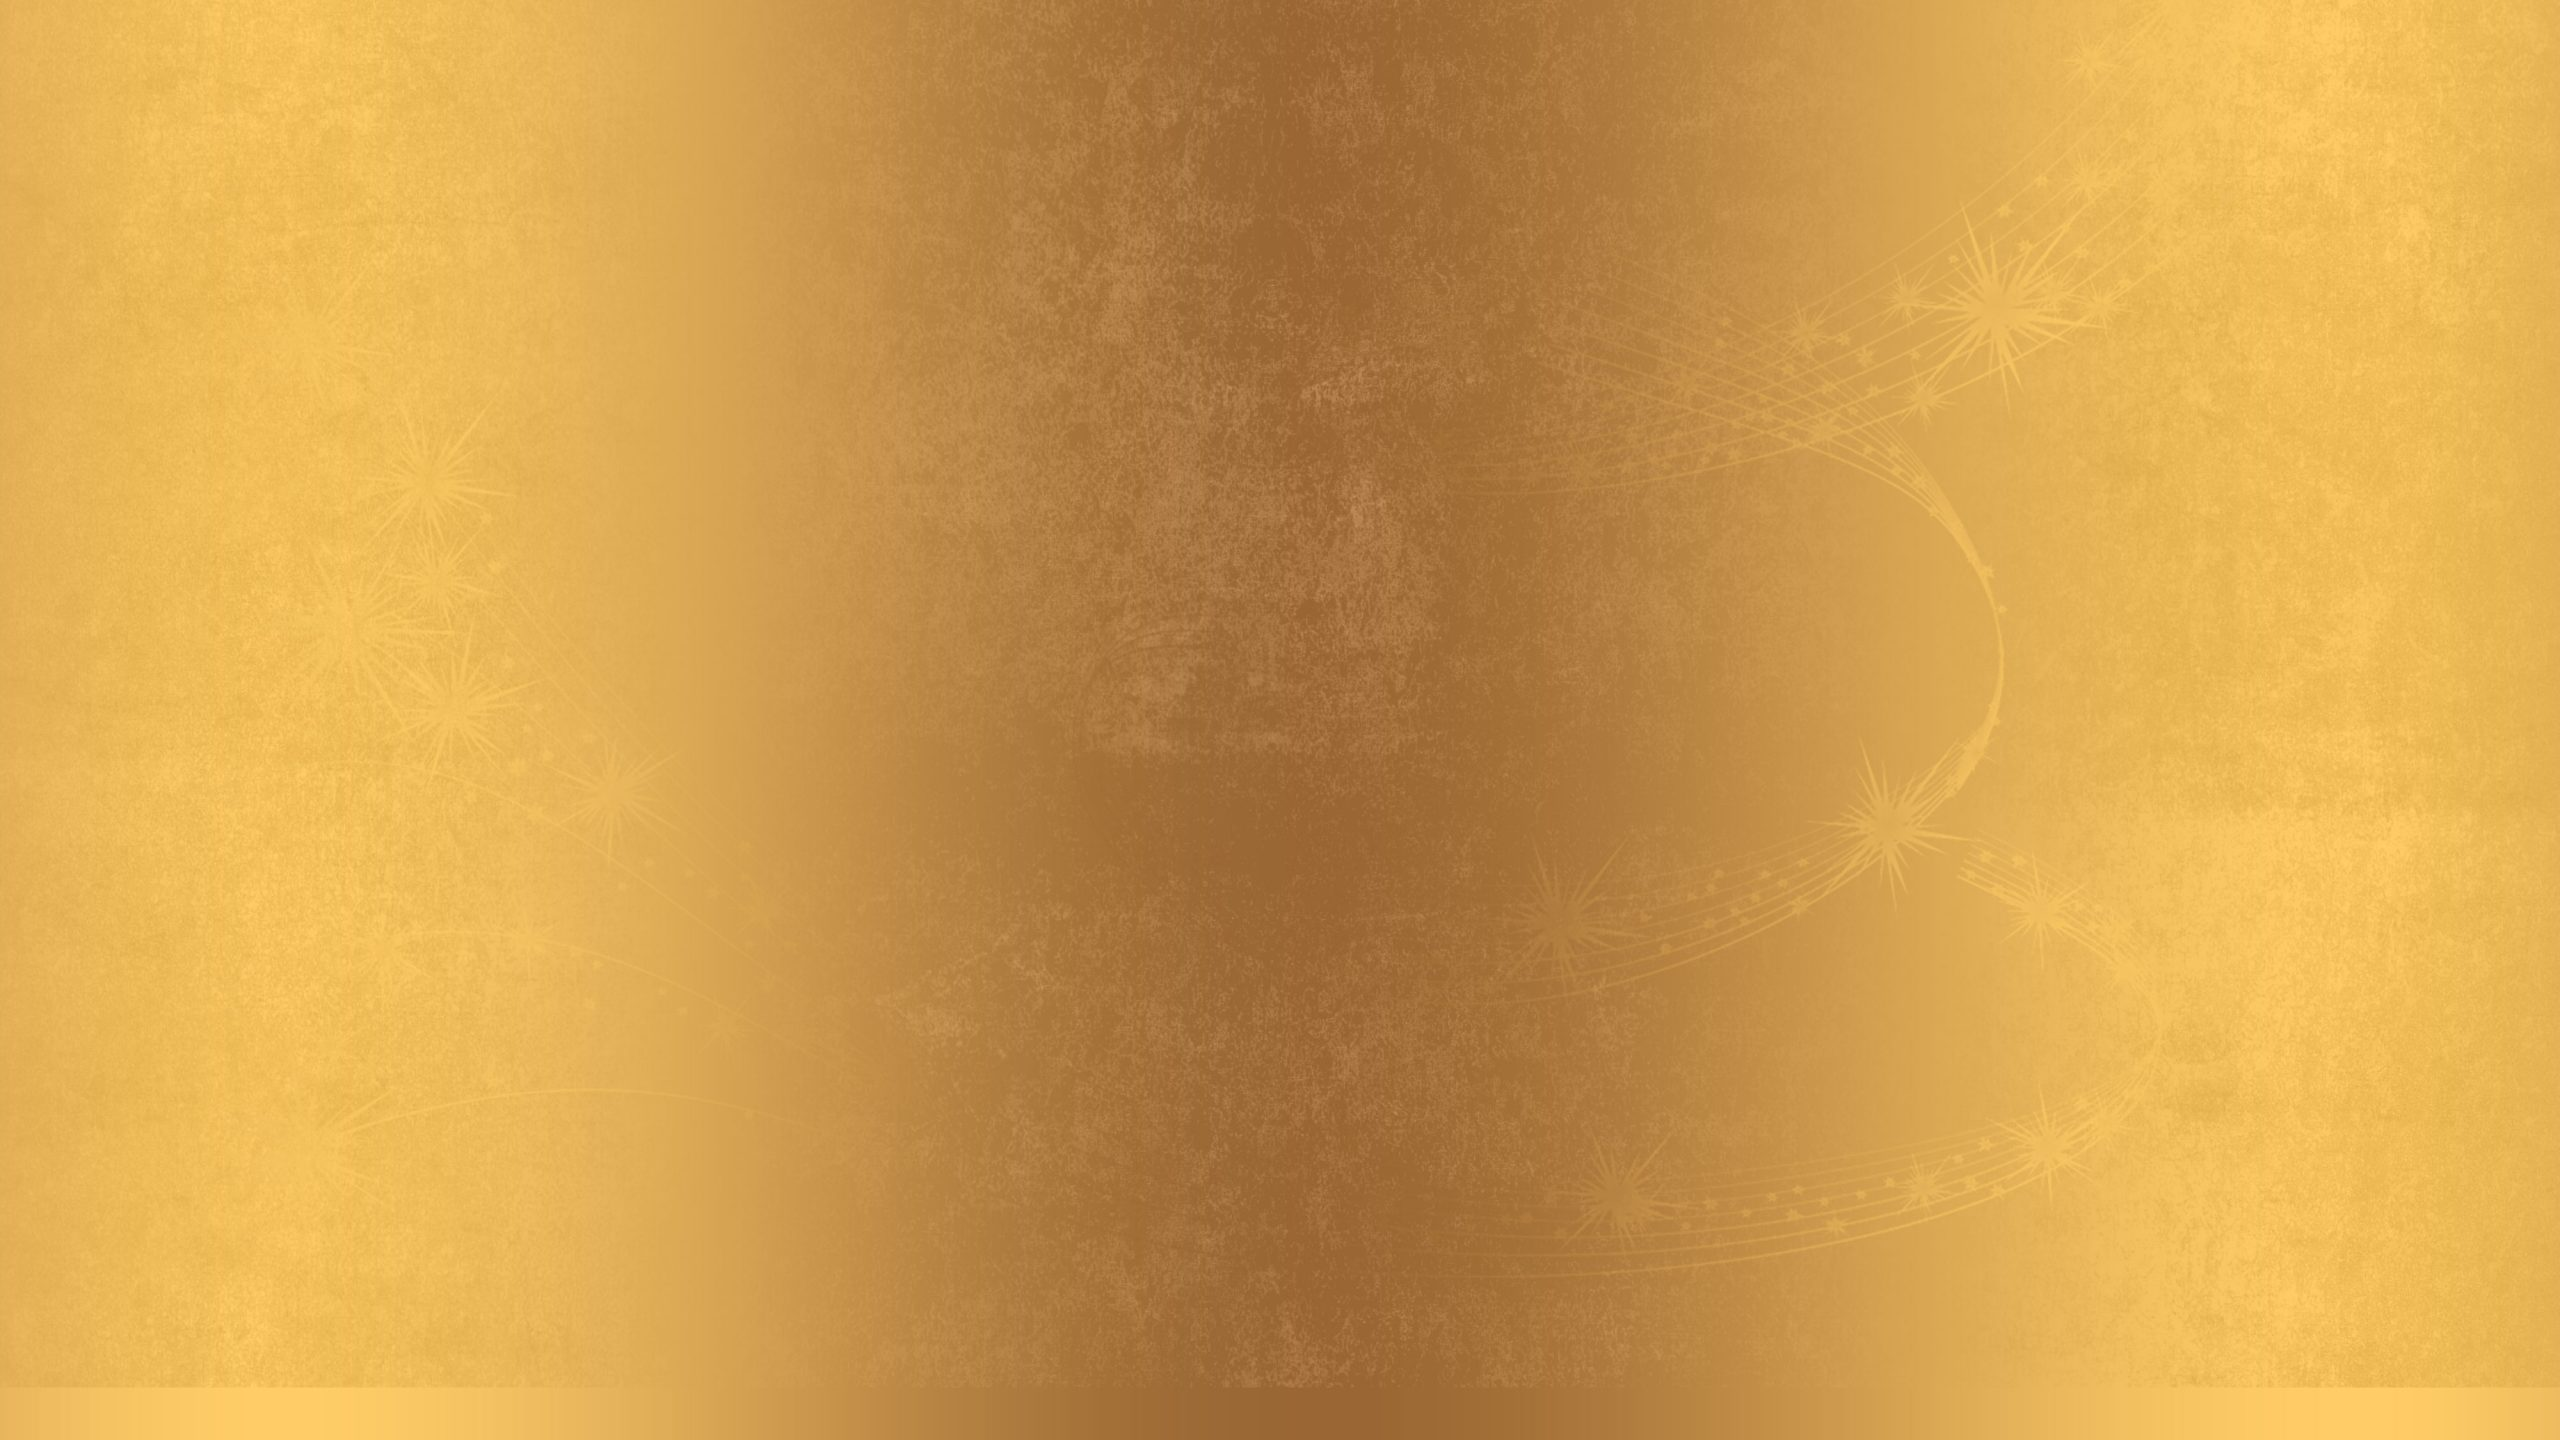 Golden texture wallpaper